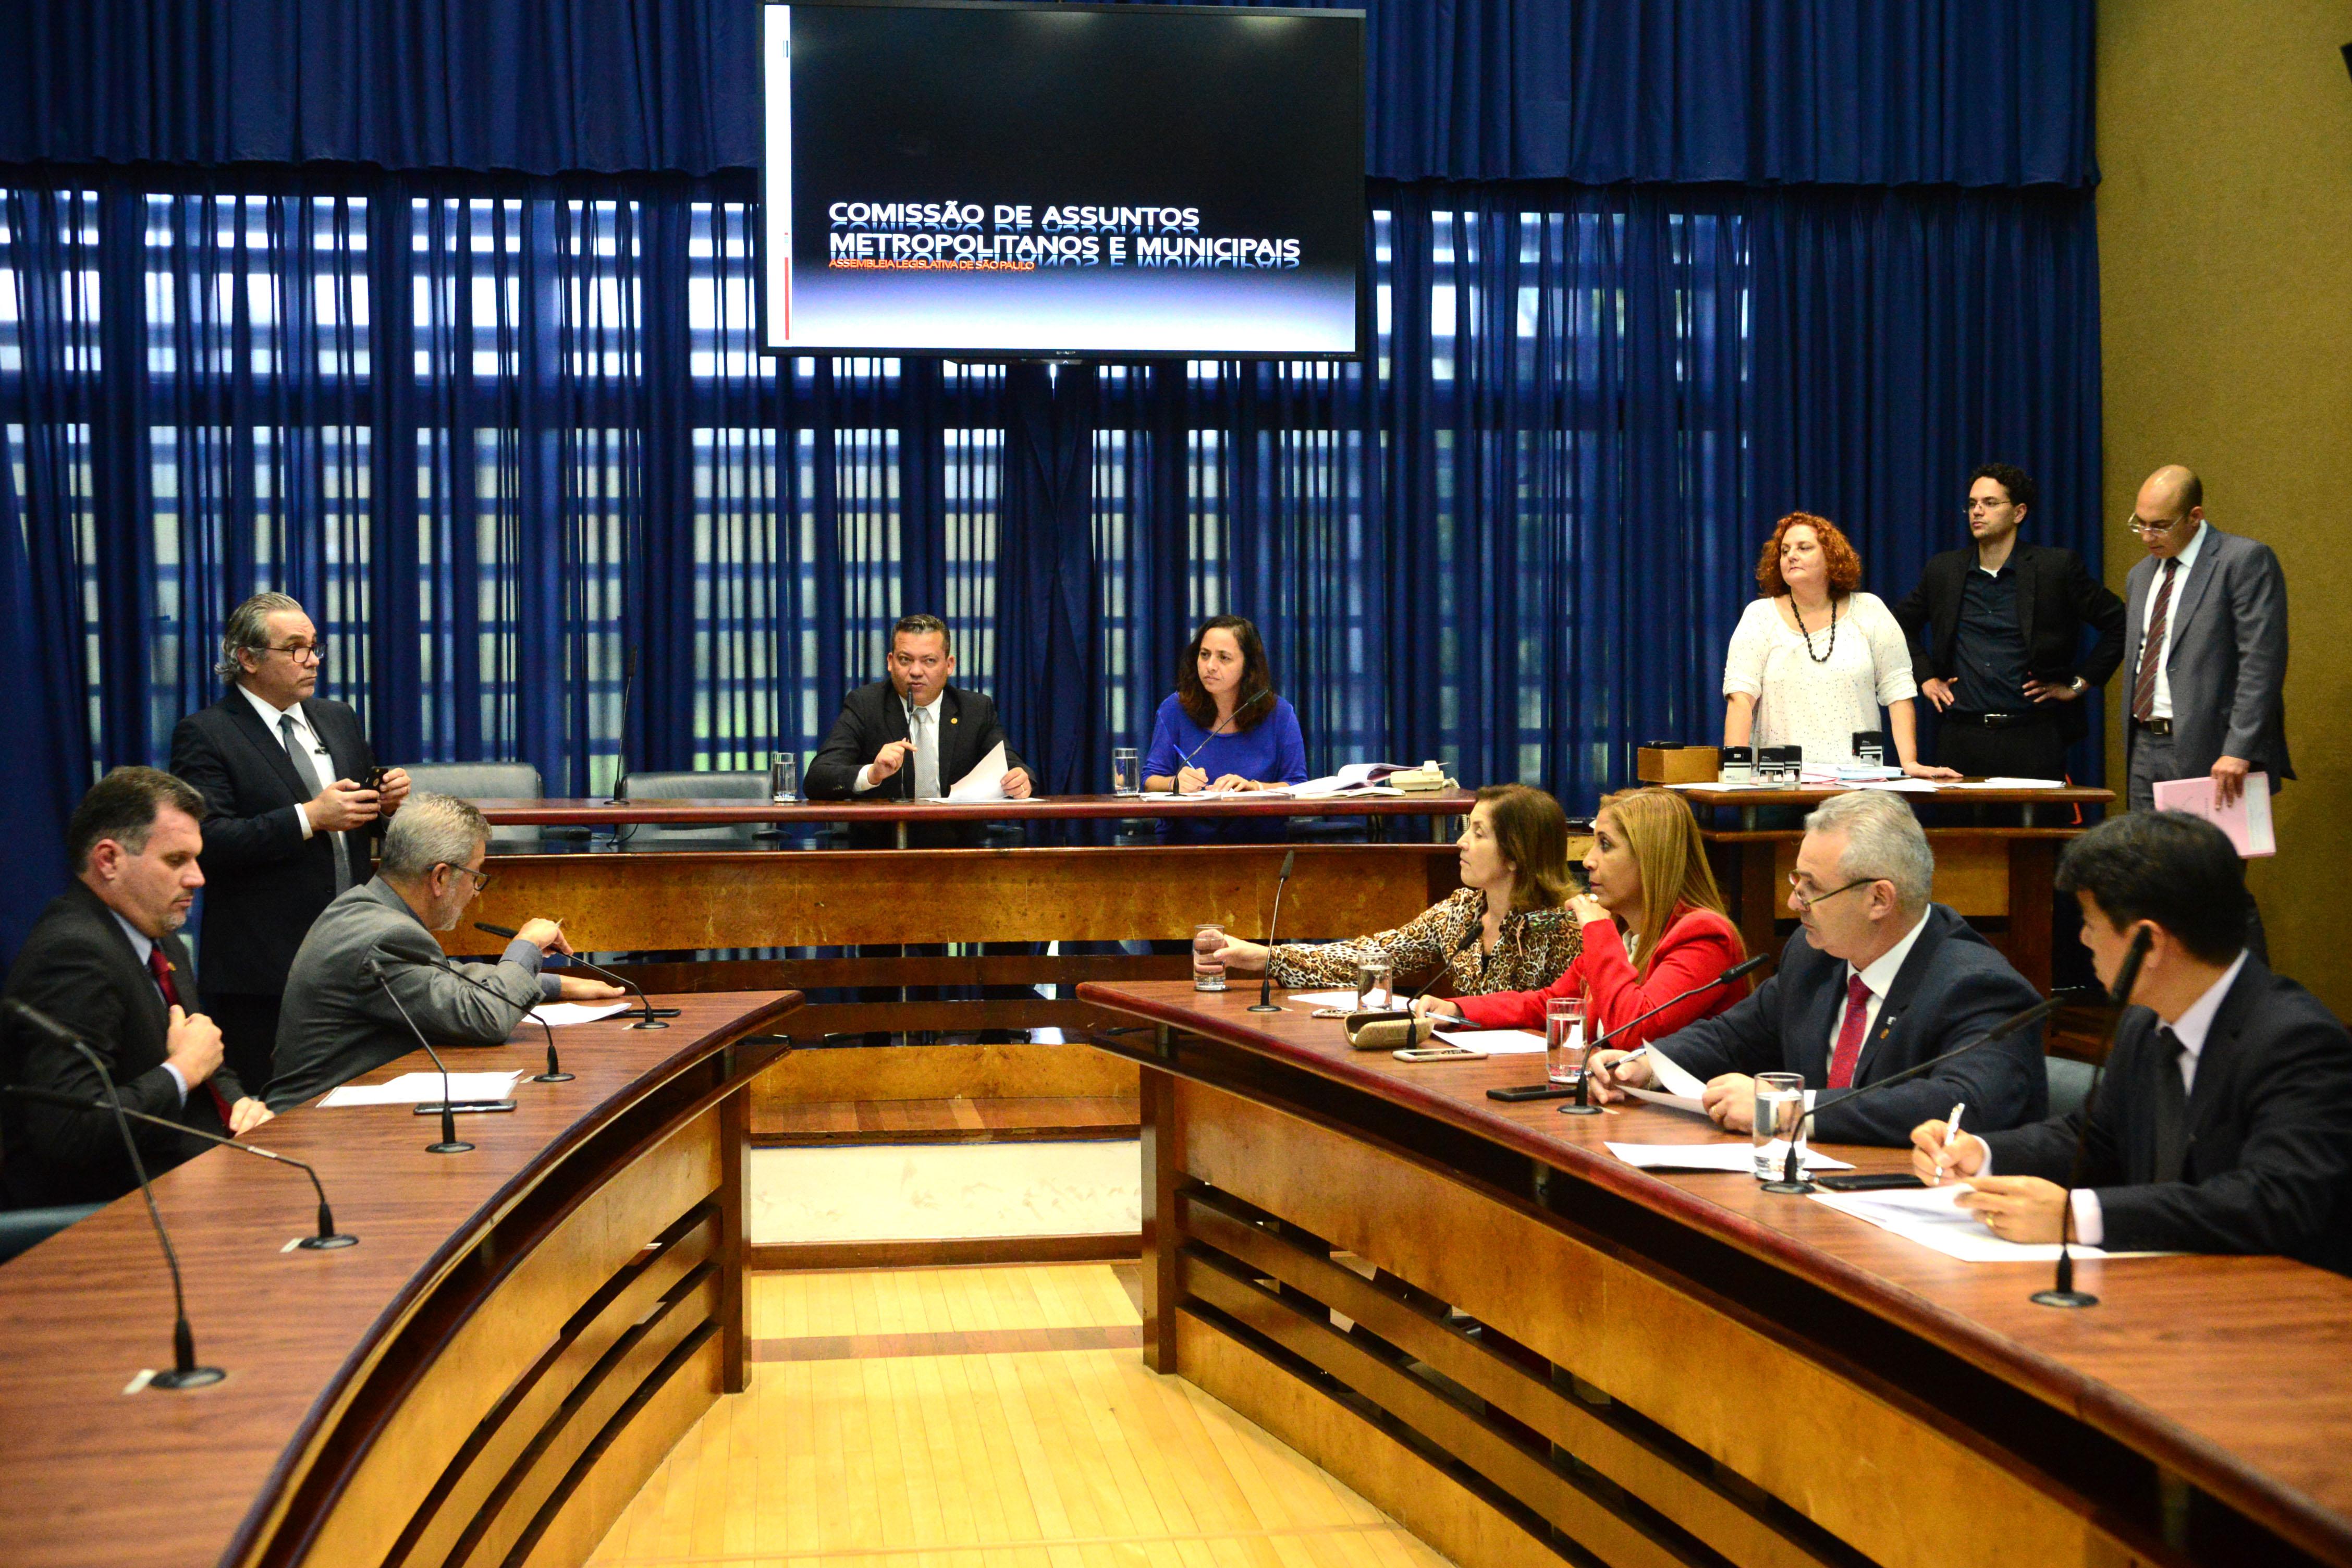 Paulo Correa Jr preside a Comissão de Assuntos Metropolitanos e Municipais<a style='float:right' href='https://www3.al.sp.gov.br/repositorio/noticia/N-06-2017/fg204505.jpg' target=_blank><img src='/_img/material-file-download-white.png' width='14px' alt='Clique para baixar a imagem'></a>